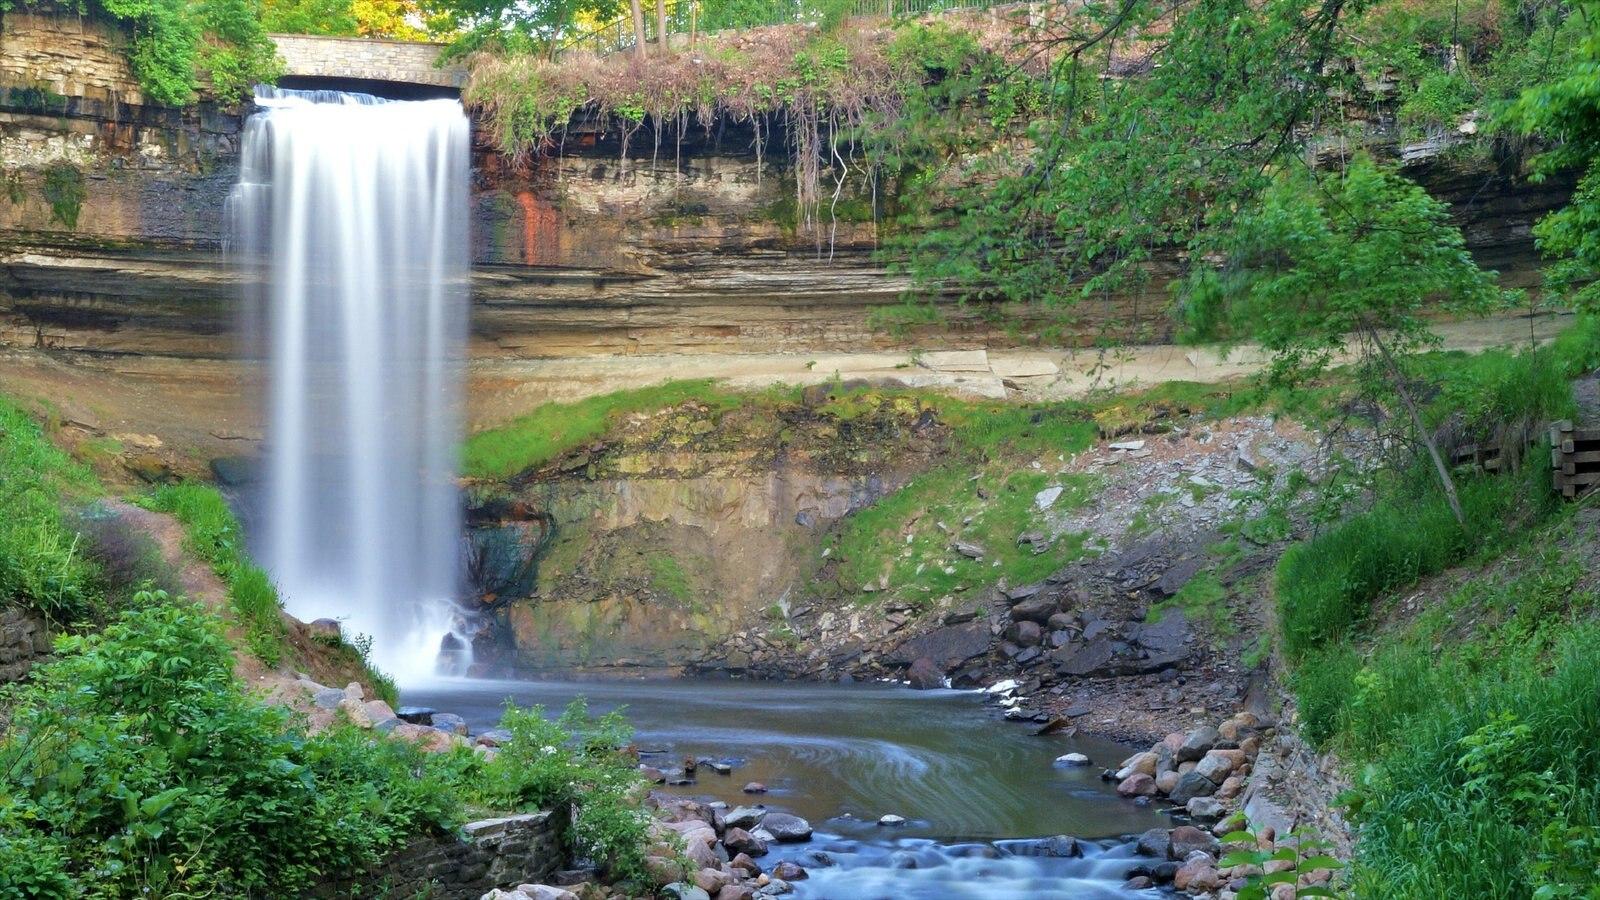 Minnehaha Park caracterizando um jardim, um rio ou córrego e uma cachoeira